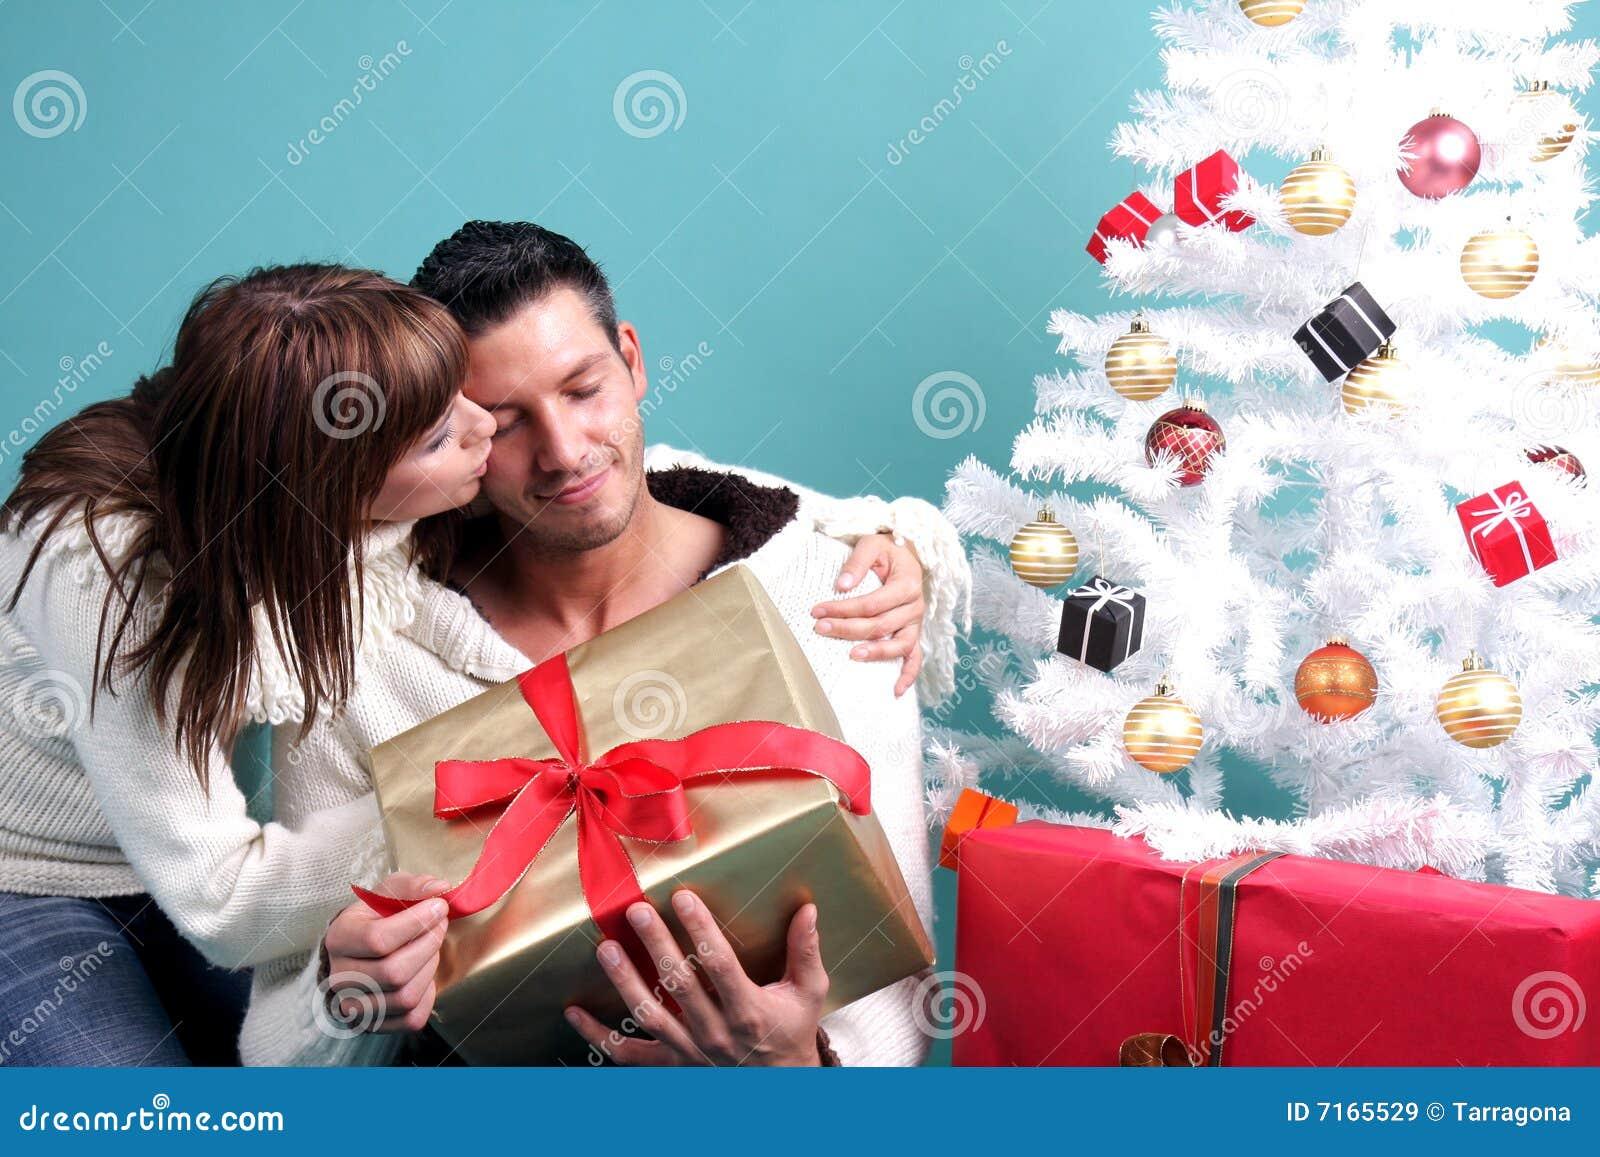 Подарок парню на год фото